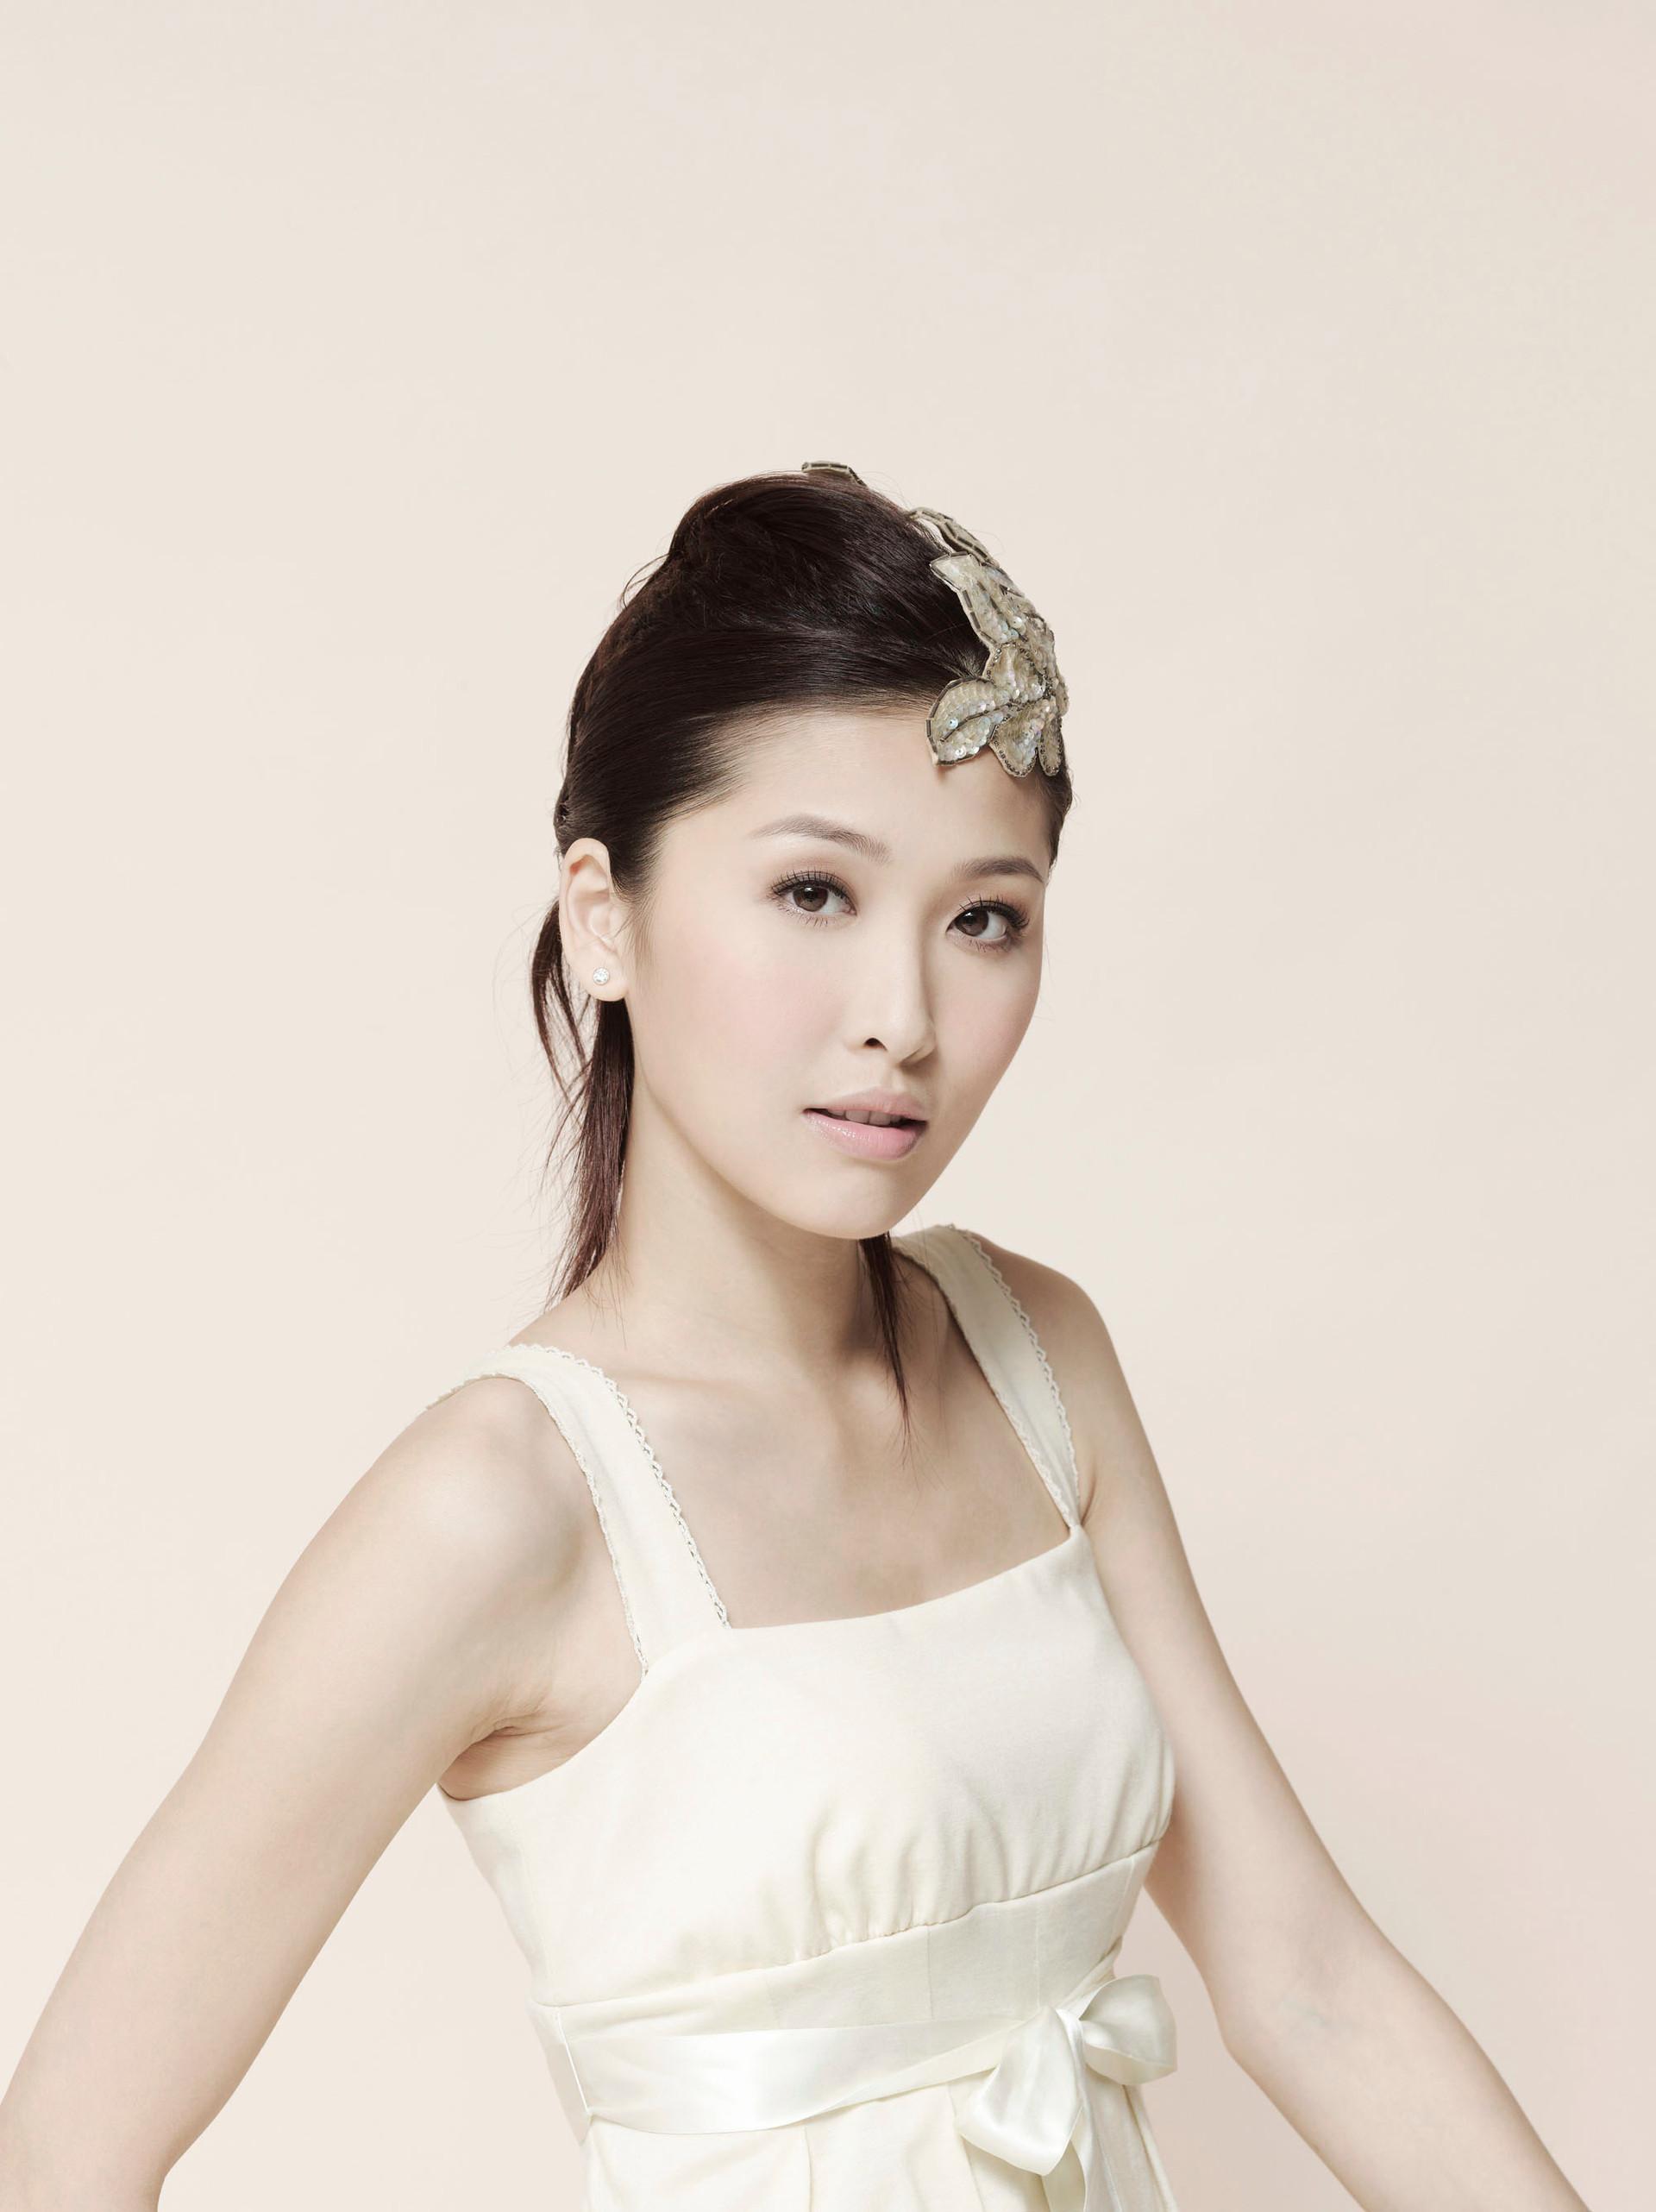 周麗淇 Niki Chow Lai-ki